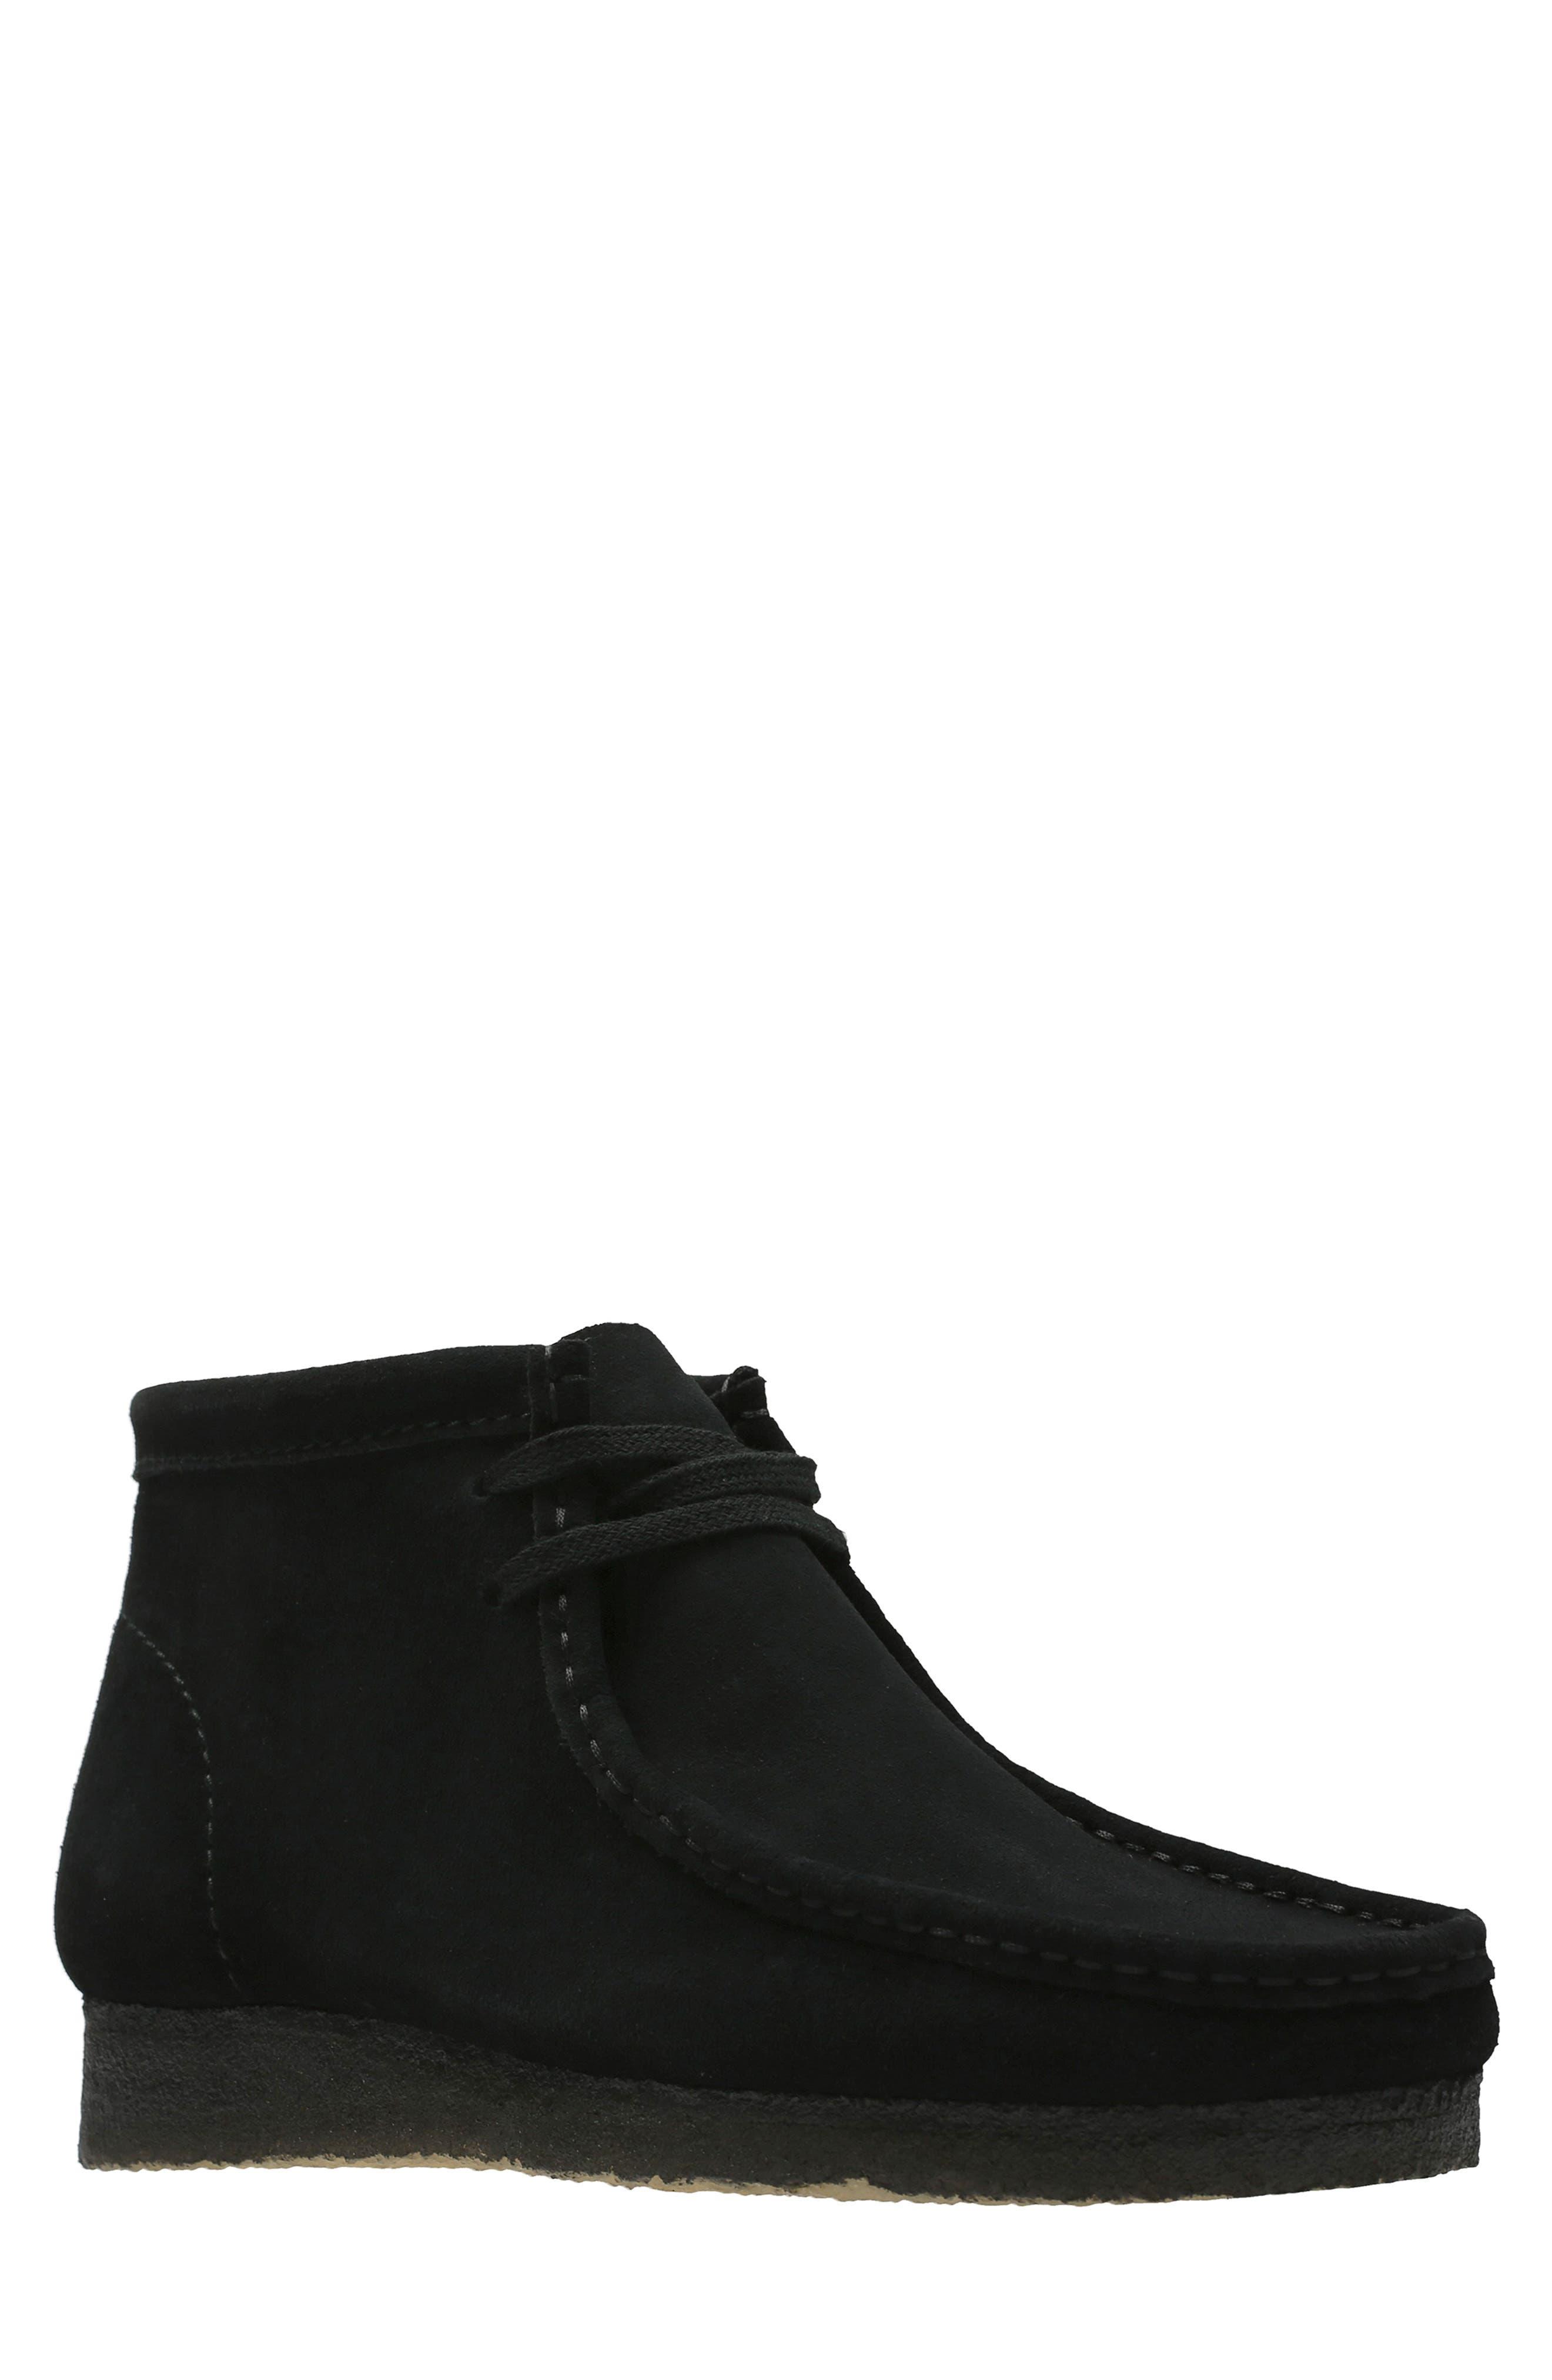 CLARKS<SUP>®</SUP> Originals Wallabee Boot, Main, color, BLACK SUEDE